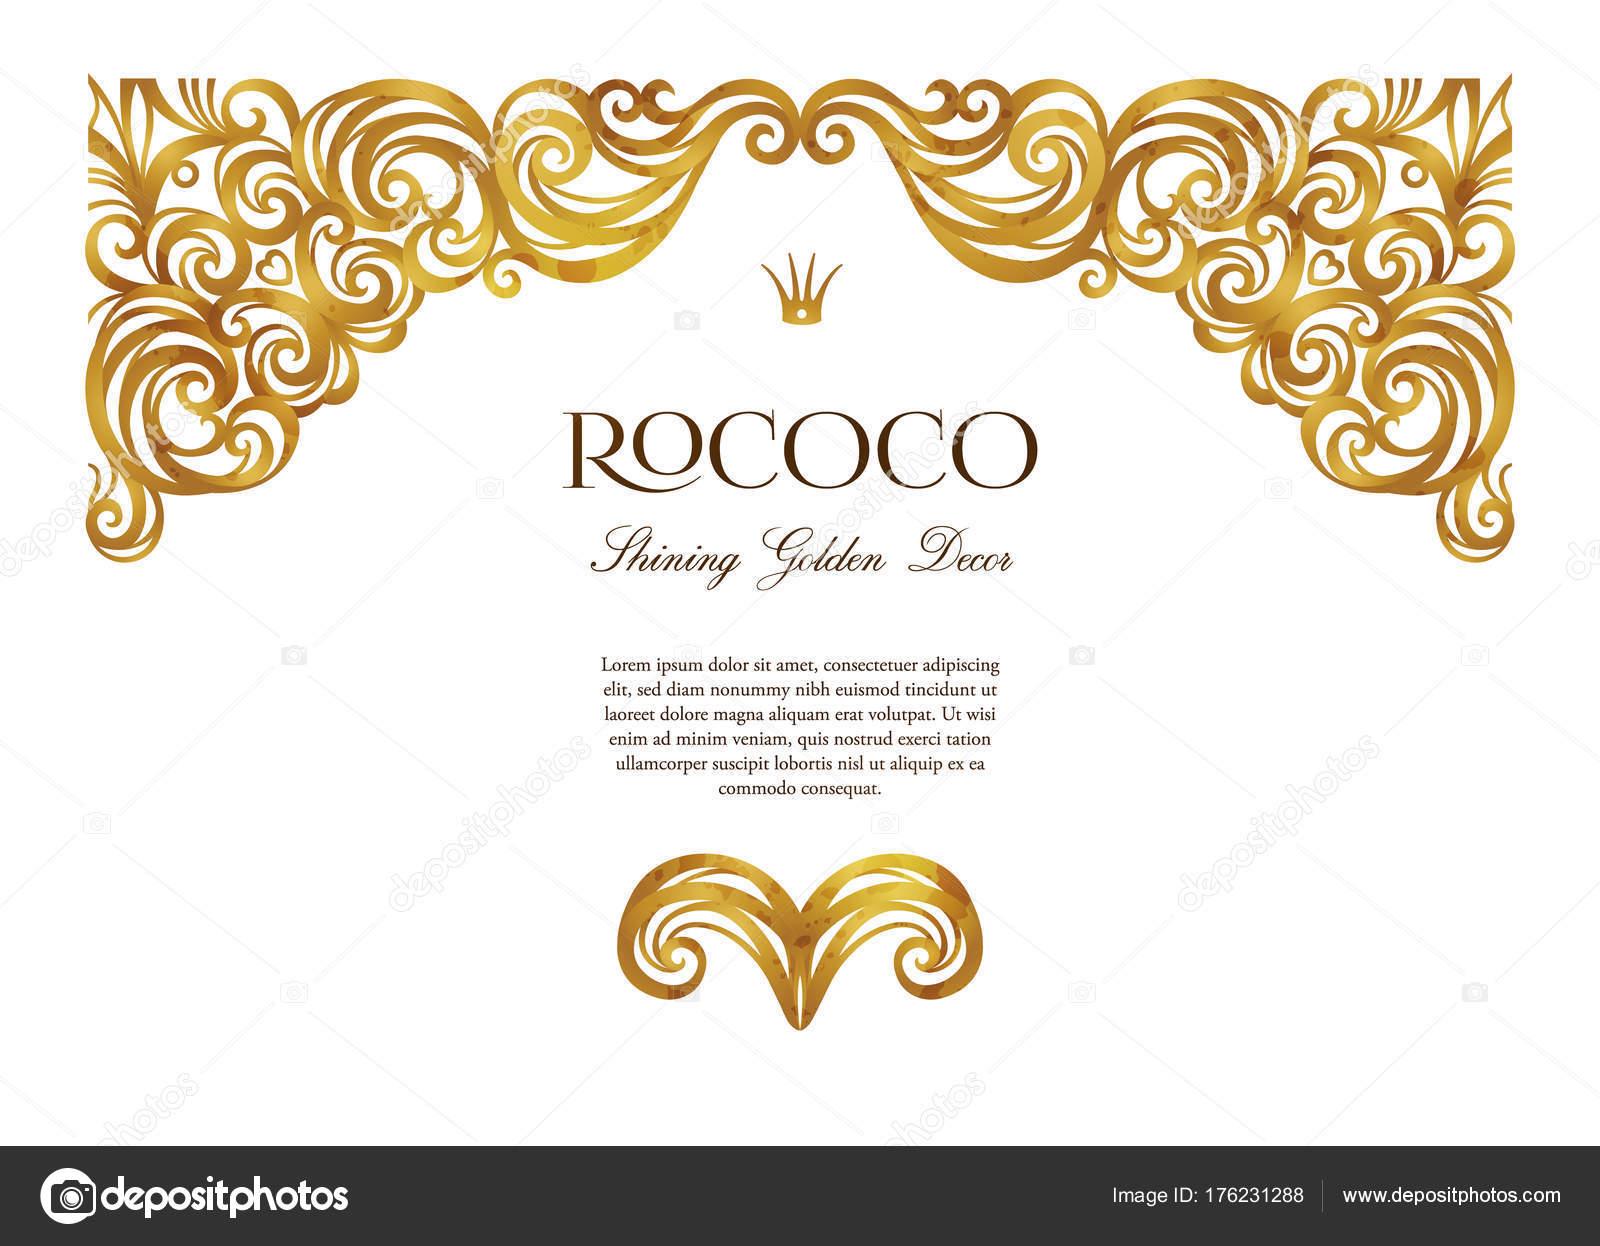 vector vintage decor ornate floral vignette design template